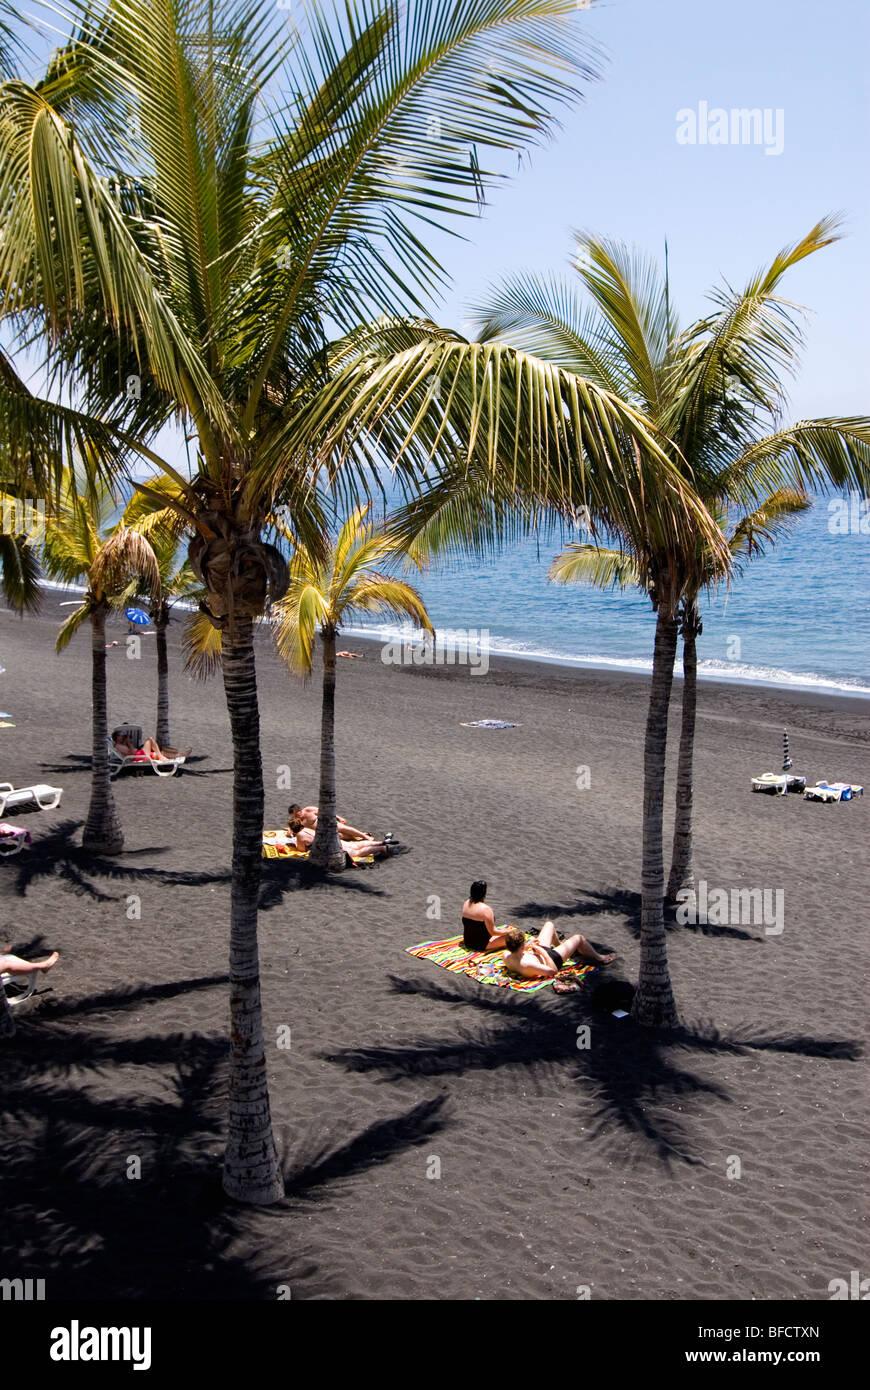 Der Strand von Puerto Naos, La Palma, Kanarische Inseln, Spanien, Europa. Stockbild